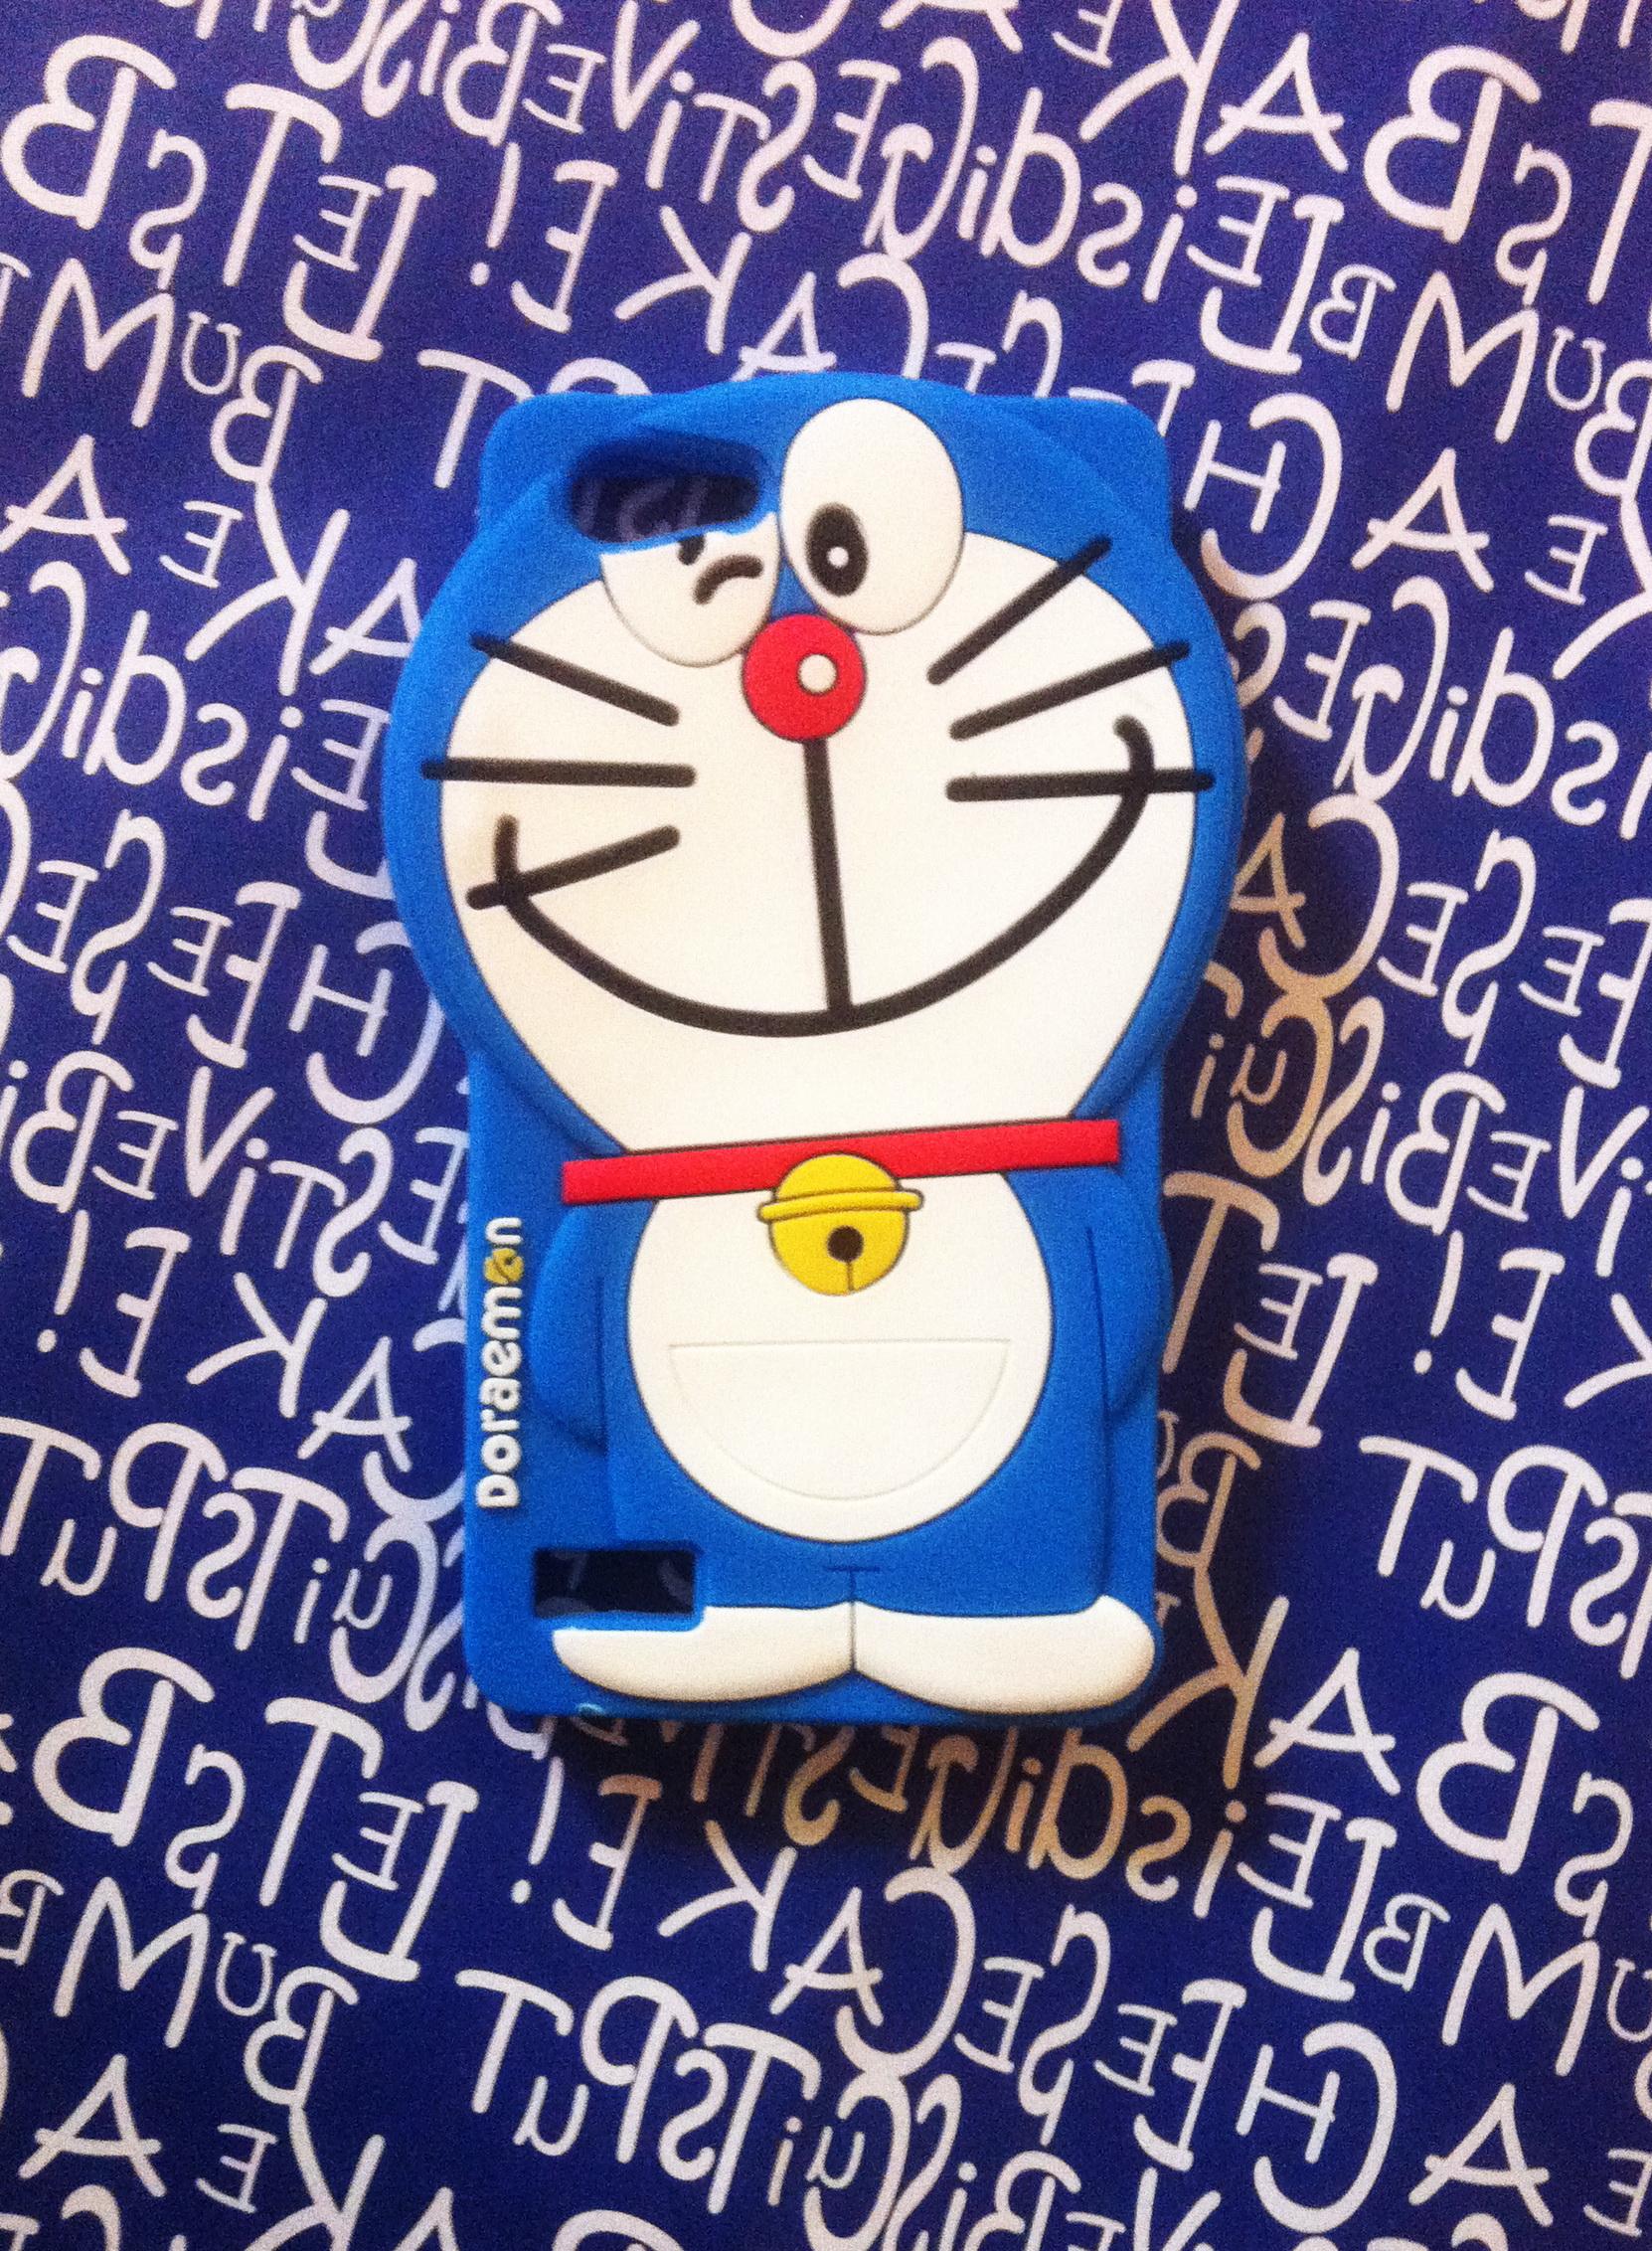 Unduh 770 Wallpaper Wa Doraemon Terbagus Gratis Terbaru